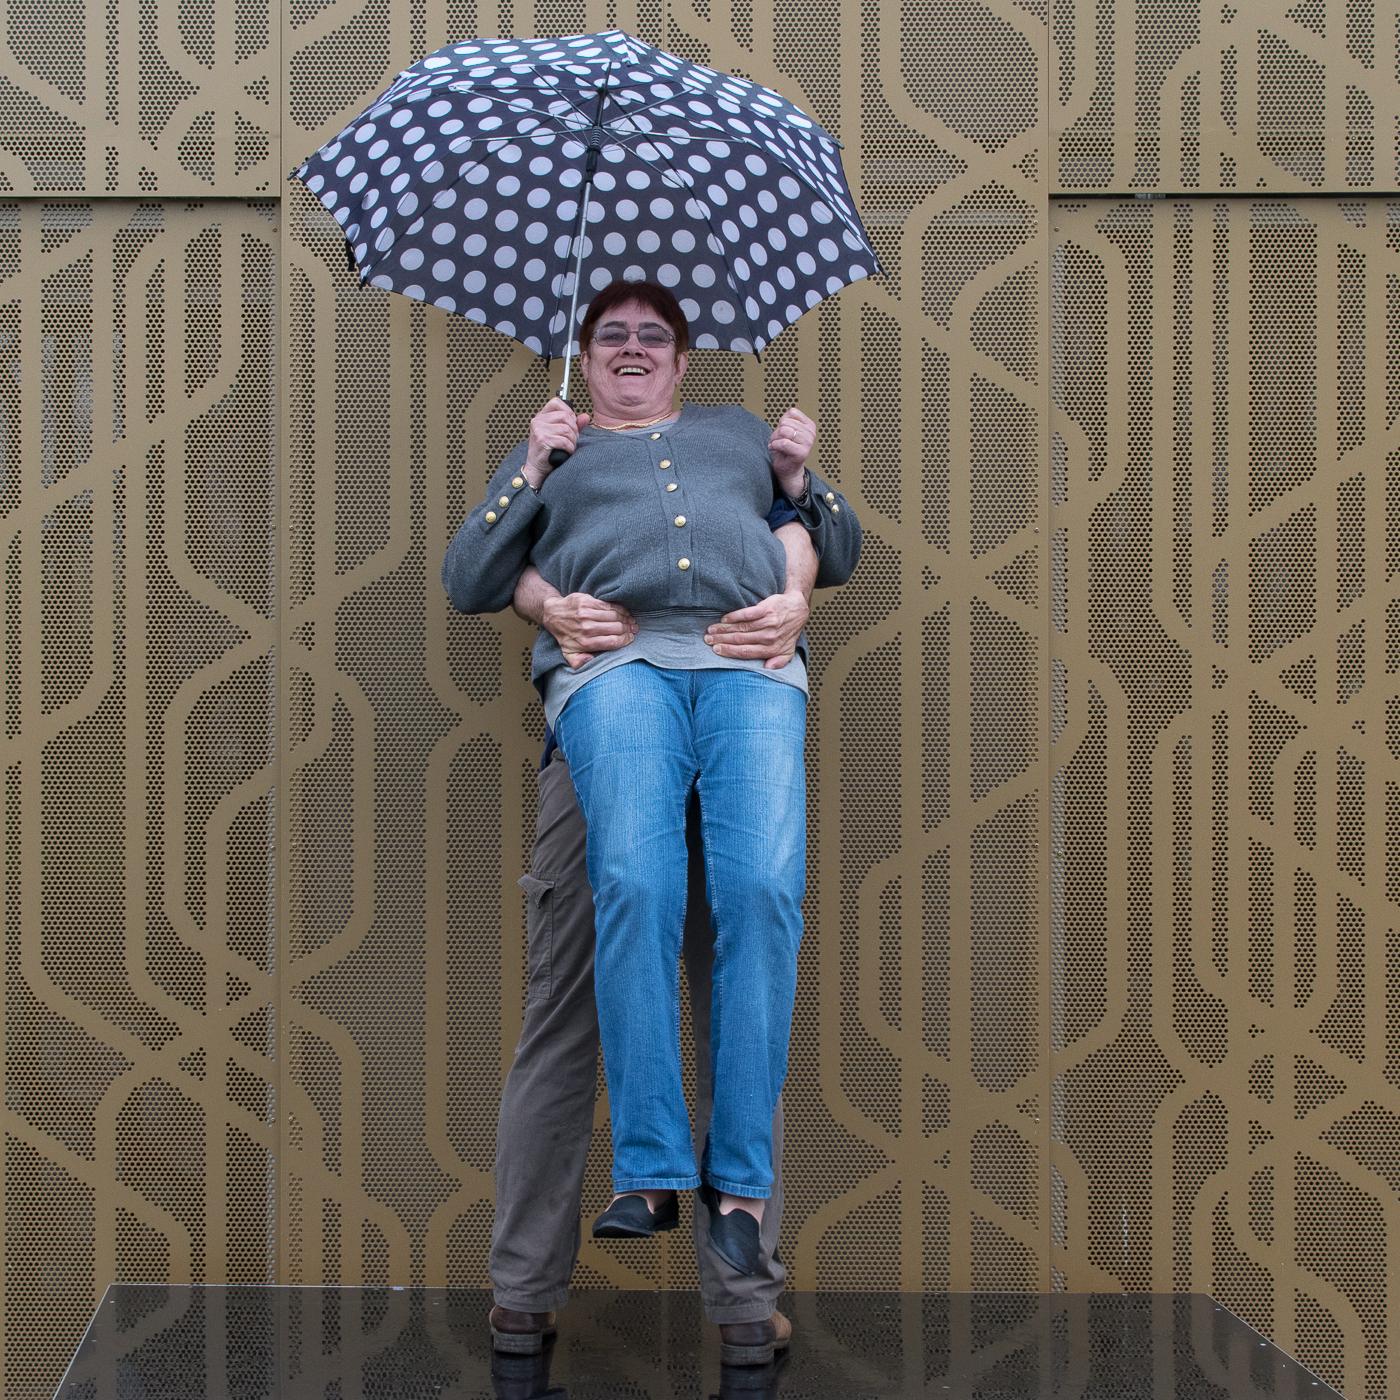 Parapluies 2016 - Supercalifragislis